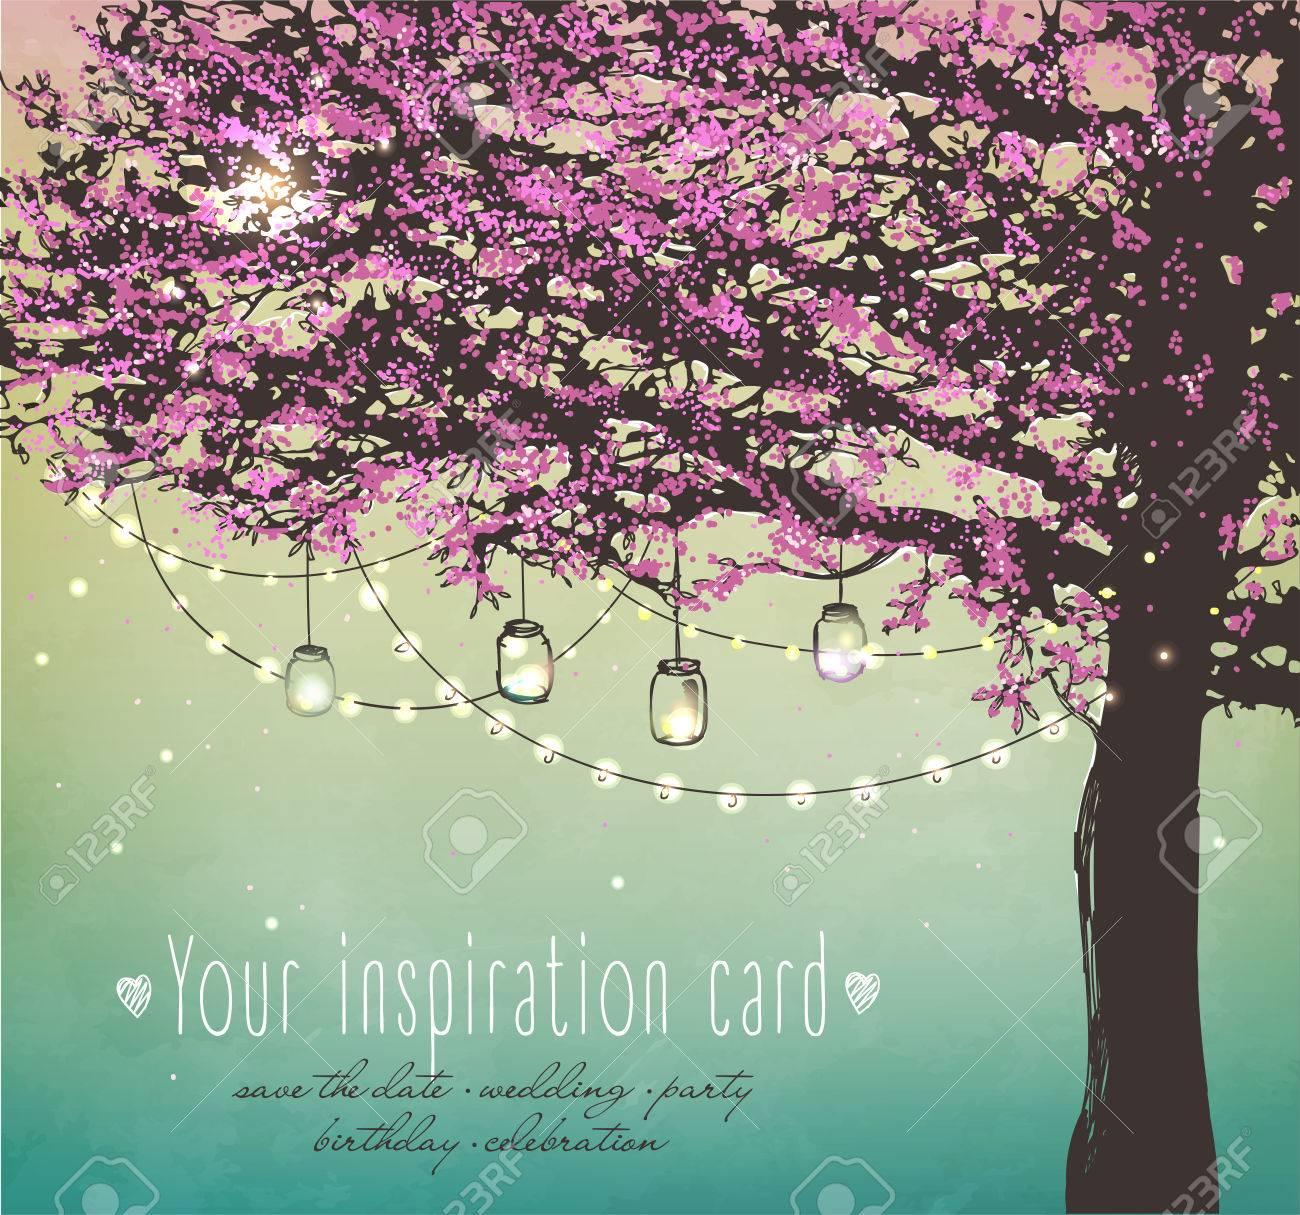 Rosa Baum Mit Dekorativen Leuchten Fur Die Partei Garten Party